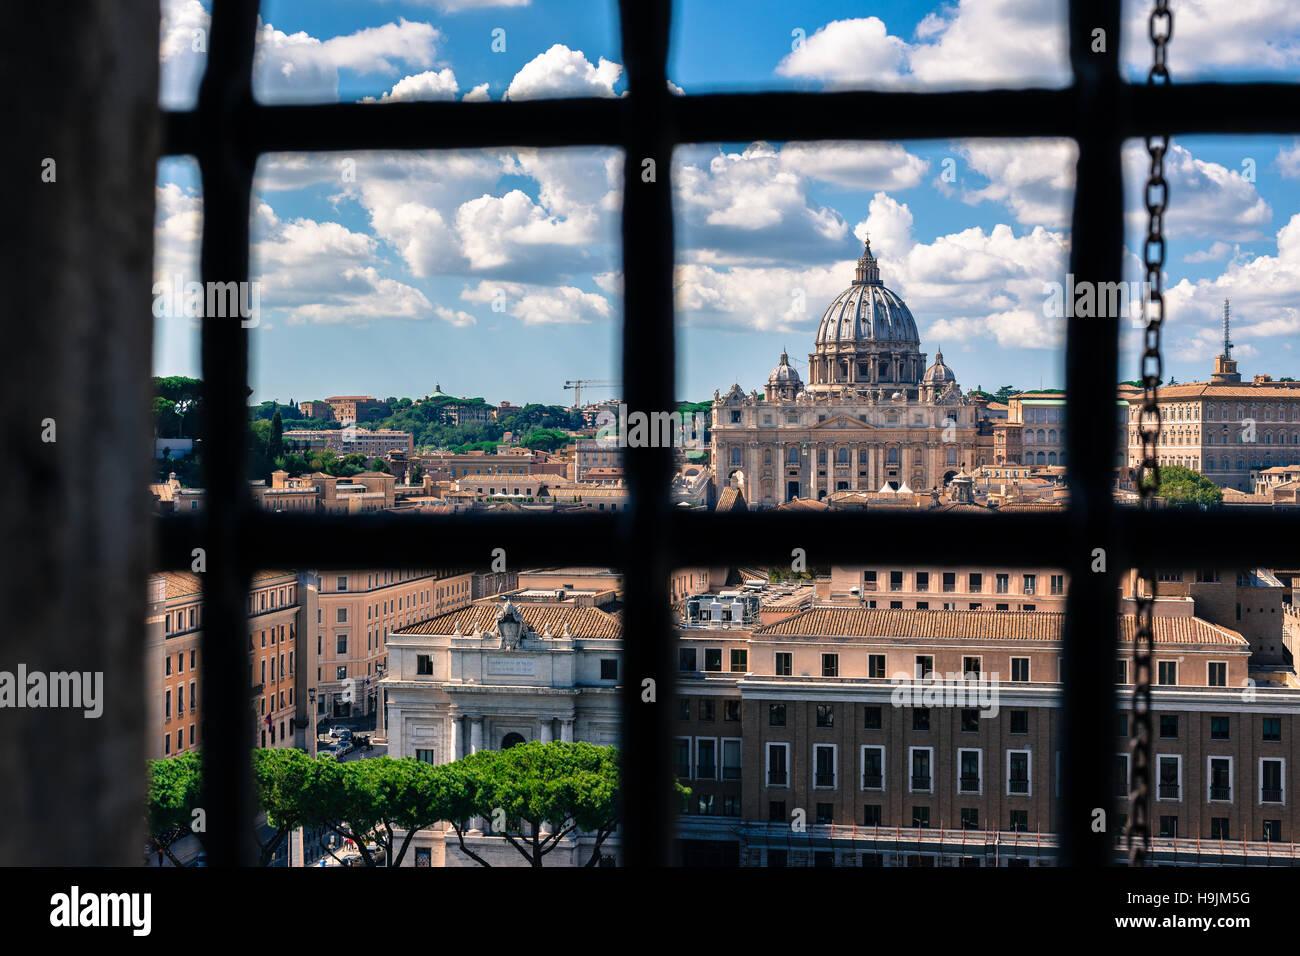 Autre point de vue de la Basilique St Pierre de derrière les barreaux, prises lors d'une journée ensoleillée Photo Stock